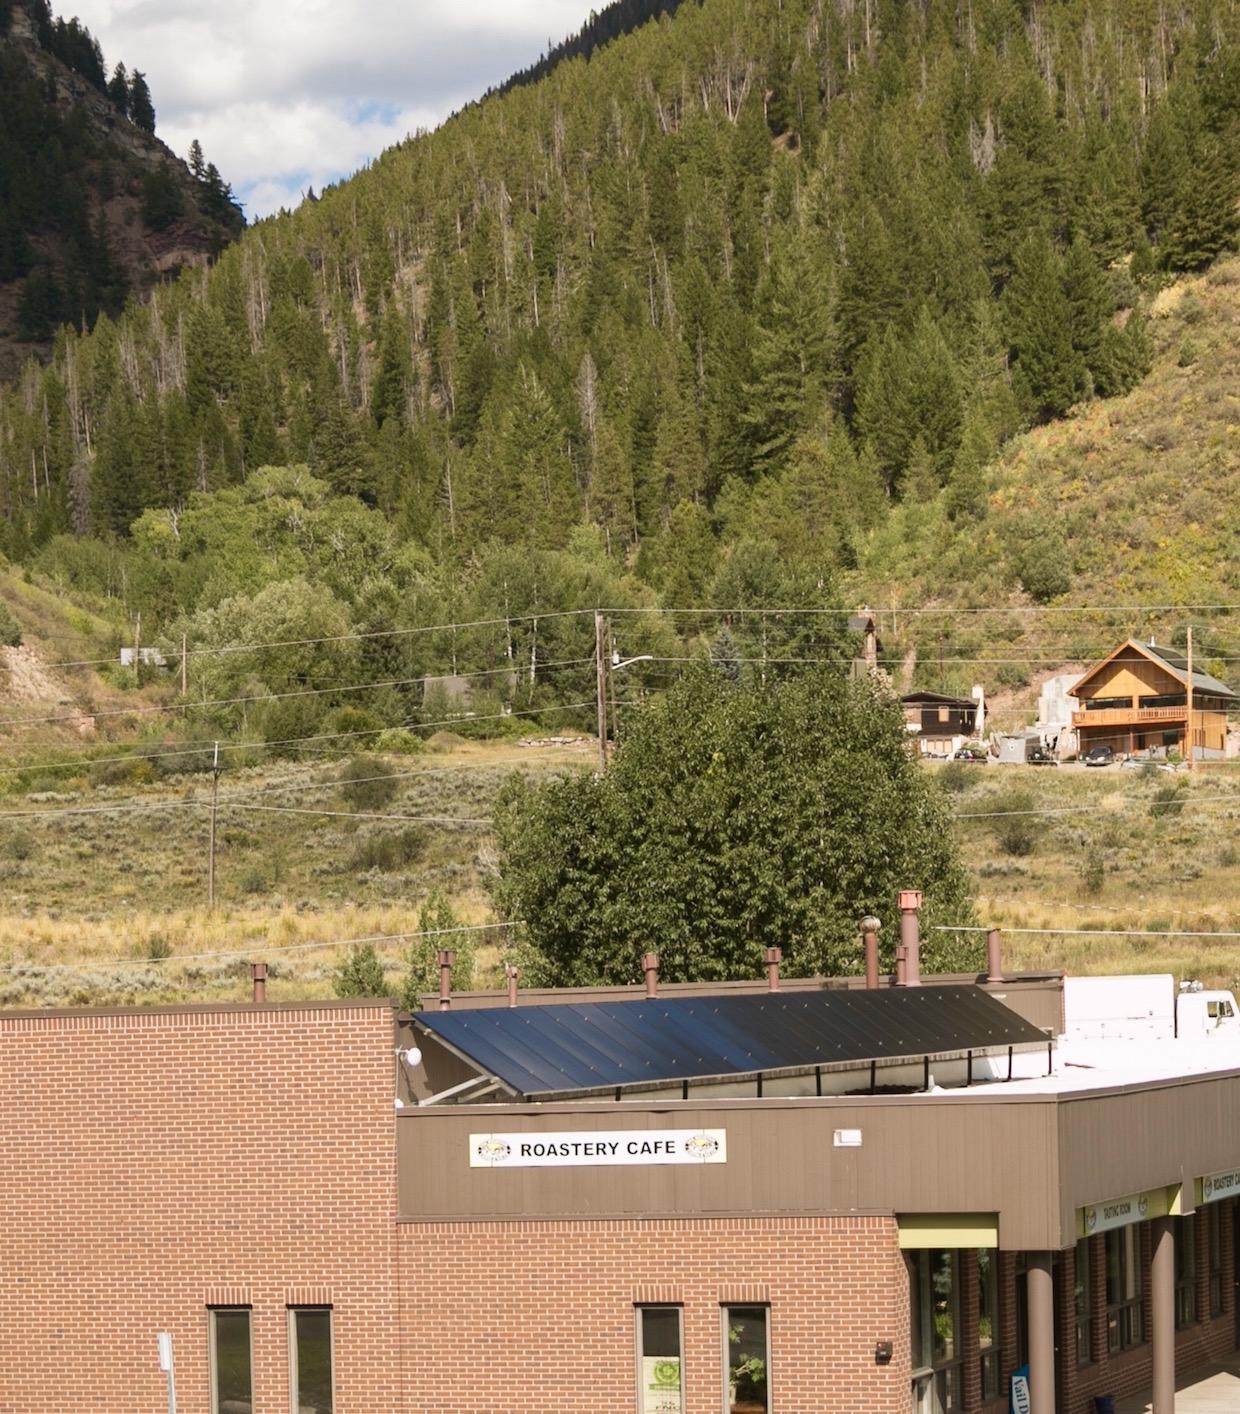 """Vail Mountain Coffee and Tea"""" width = """"1240"""" height = """"1414"""" /> </p> <p> Et c'est ainsi que ce mois-ci, dans une partie vitrée de 1300 pieds carrés du bâtiment de 7 150 pieds carrés, la société est propriétaire de Minturn, Colo., Le Vail Mountain Roastery Cafe est doux ouvert au public. Les stations à double modbar pourover émergent du comptoir sur lequel se trouve une machine à expresso Slayer de 2 groupes, avec un Mahlkonig EK43 et un Mahlkonig K30 Vario effectuant le broyage. Un brasseur de Bunn ICB est en service de lot, tandis qu'une paire de distributeurs d'eau chaude Bunn H5X émettent le sérum de trempage idéal pour un menu exceptionnellement vaste de 60 thés à feuilles entières. </p> <div id="""